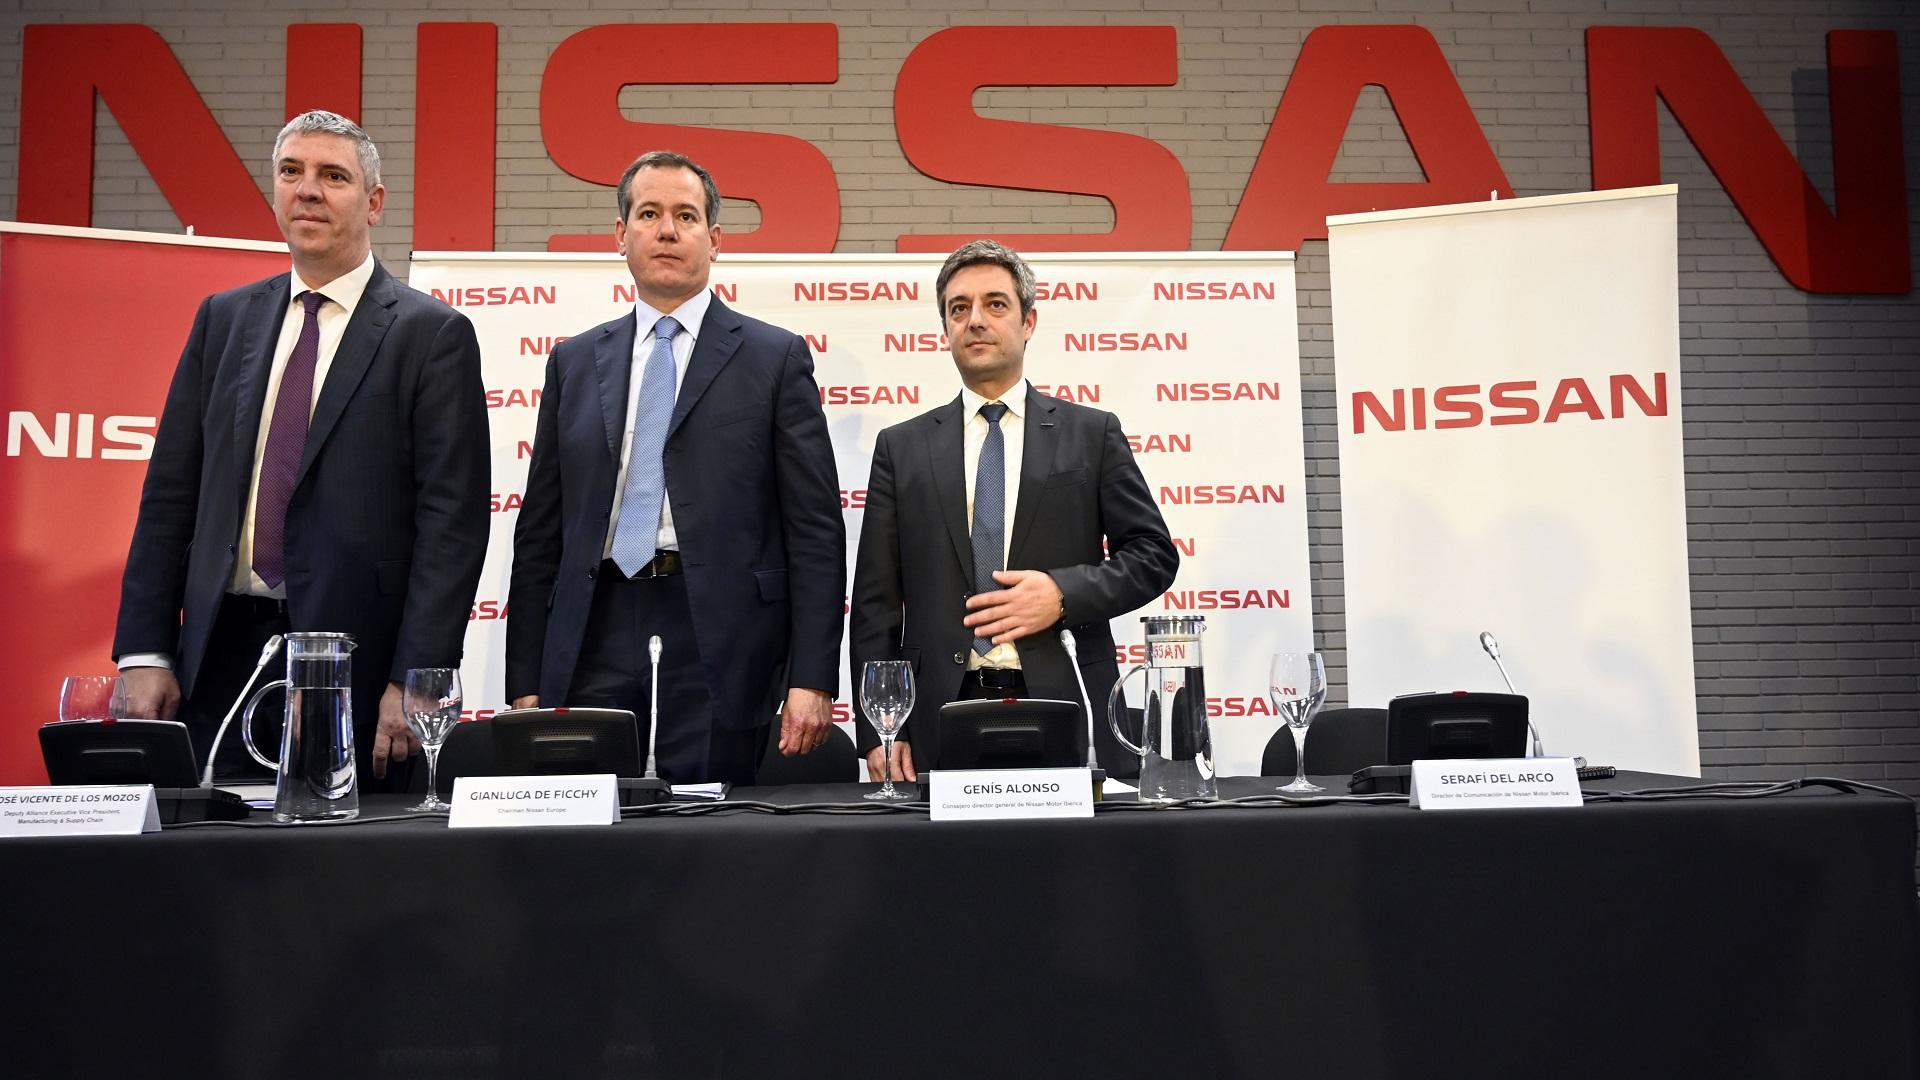 Conferencia de Nissan Europa en Barcelona. Foto de AFP / Lluis Gene